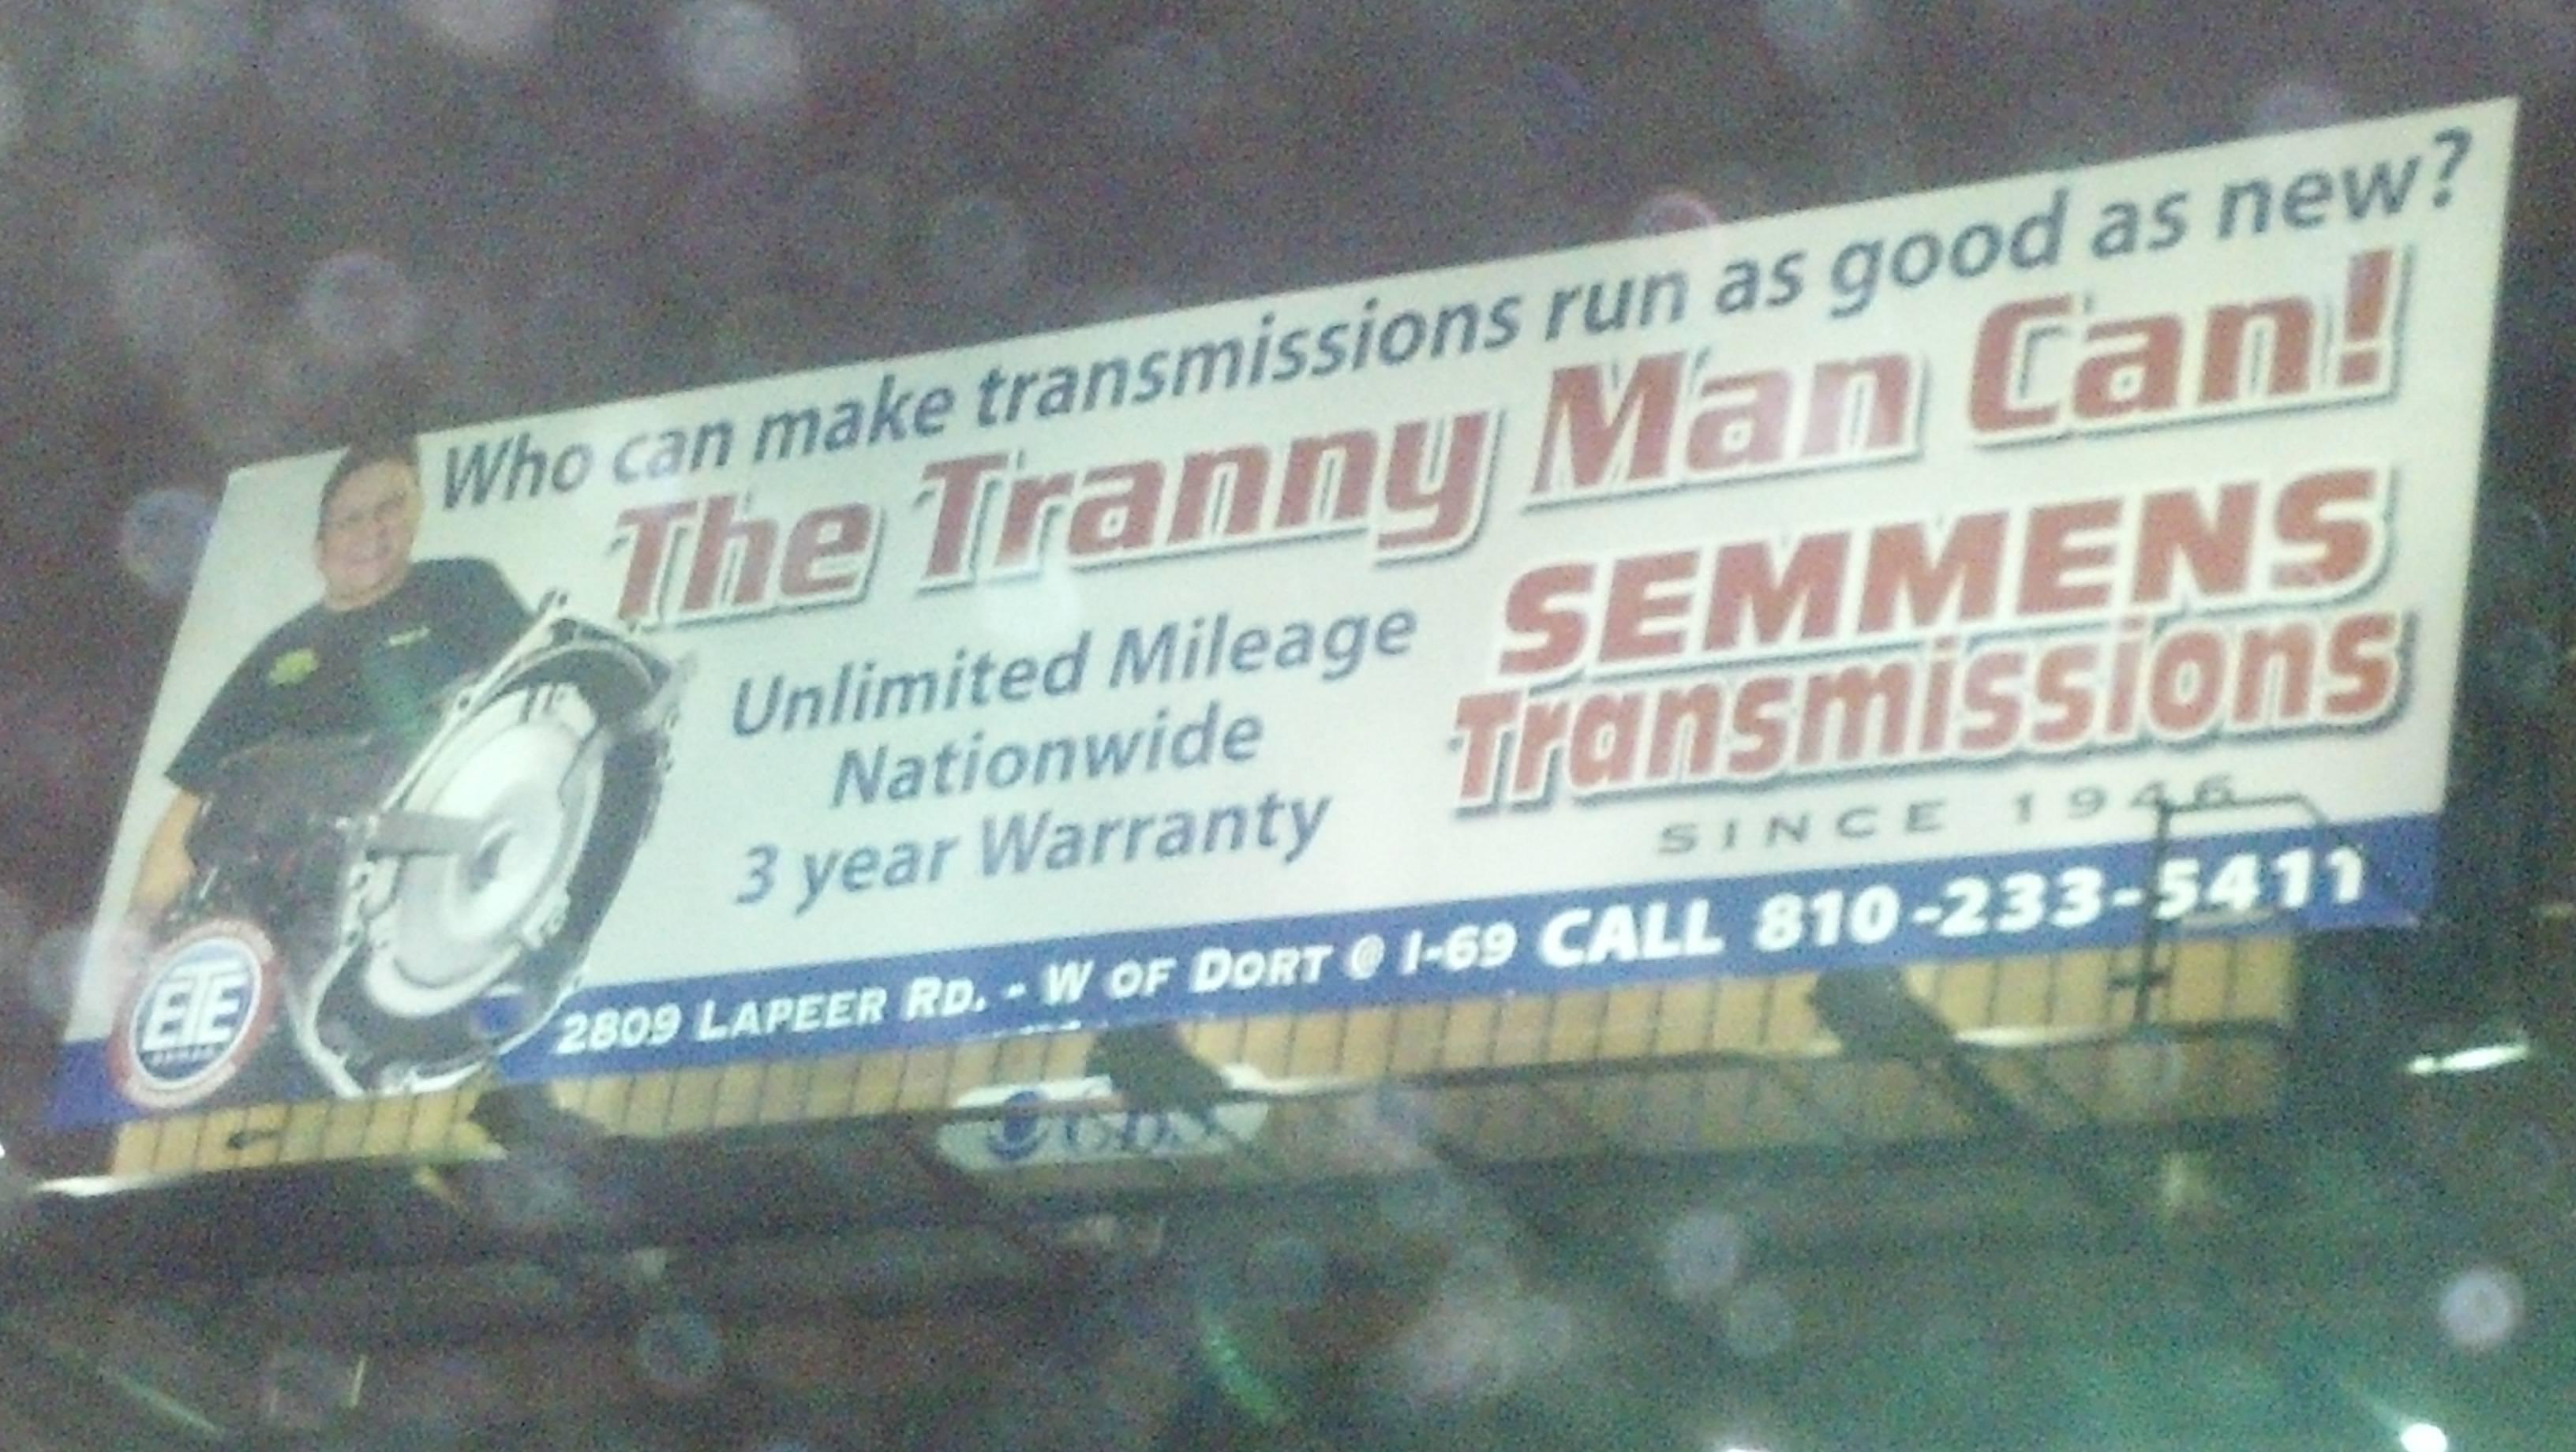 Jackal reccomend Tranny man transmissions